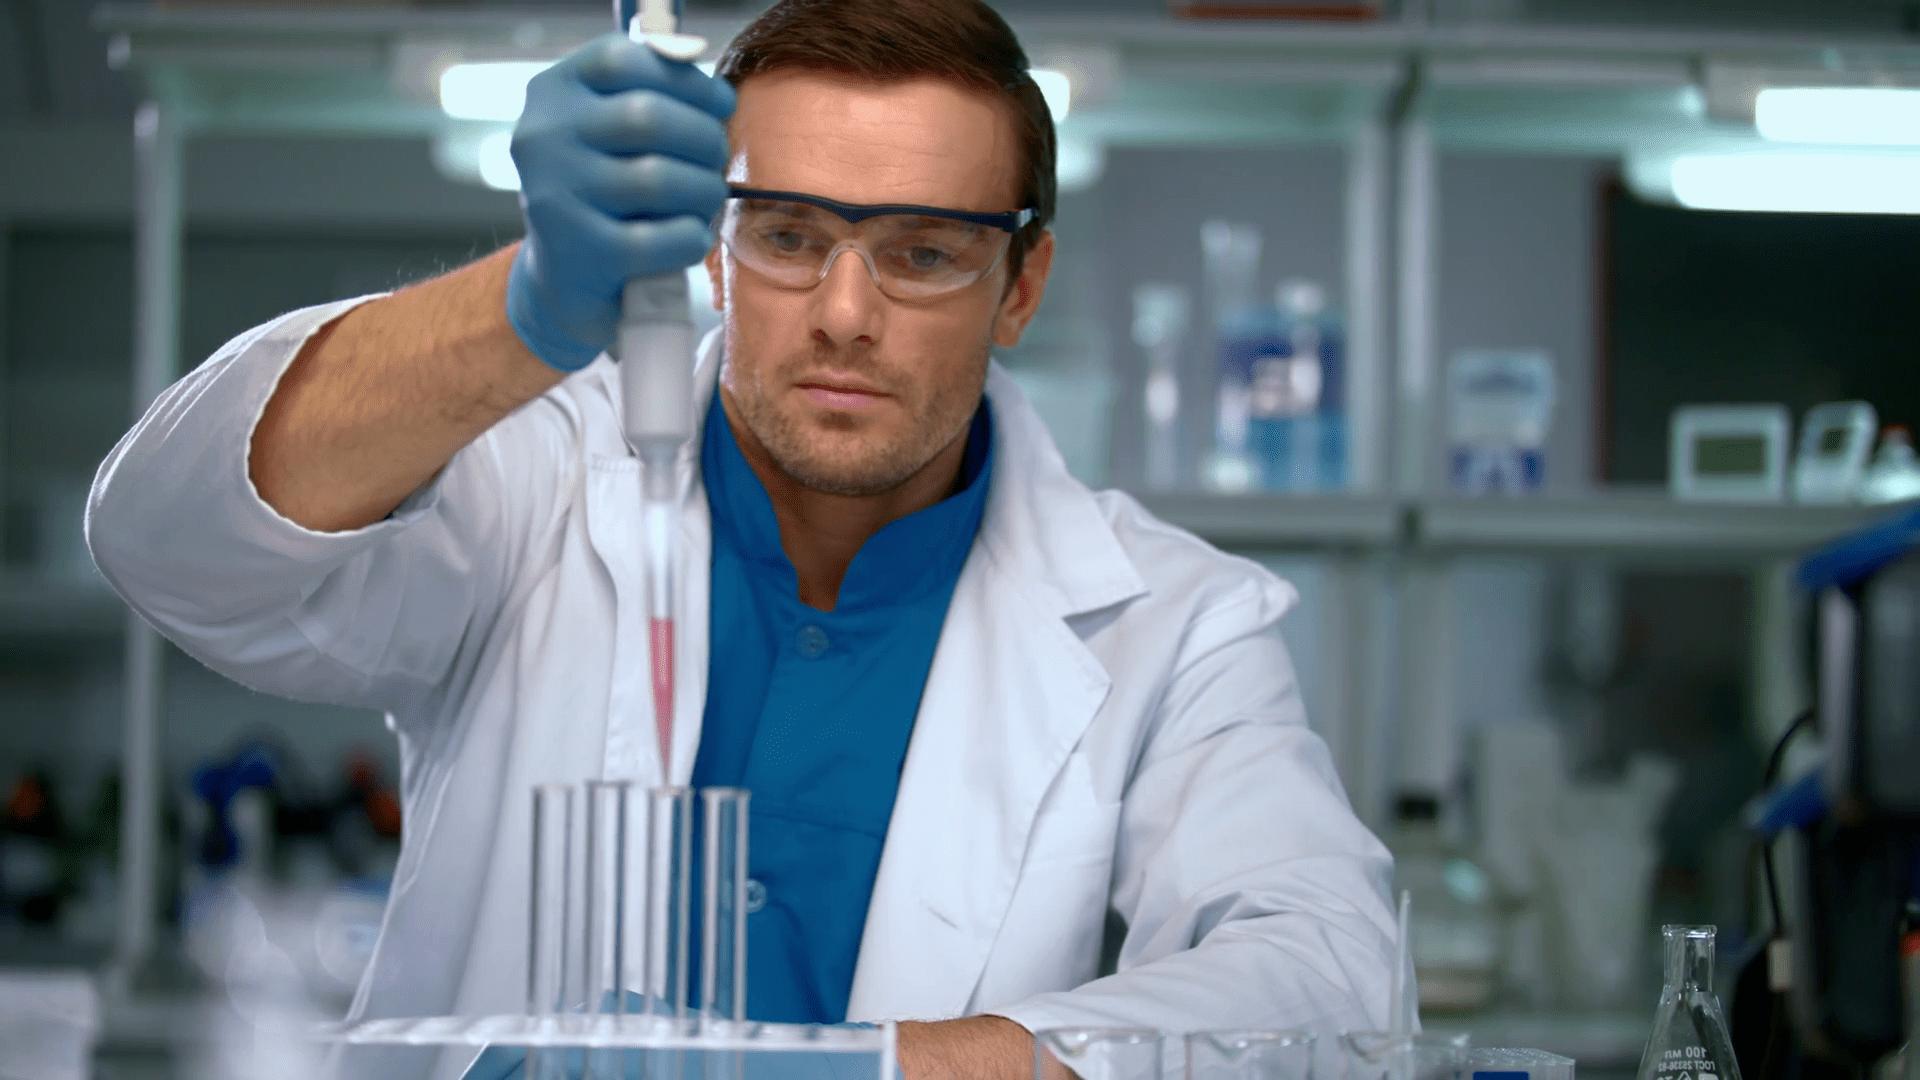 Aquarius scientist